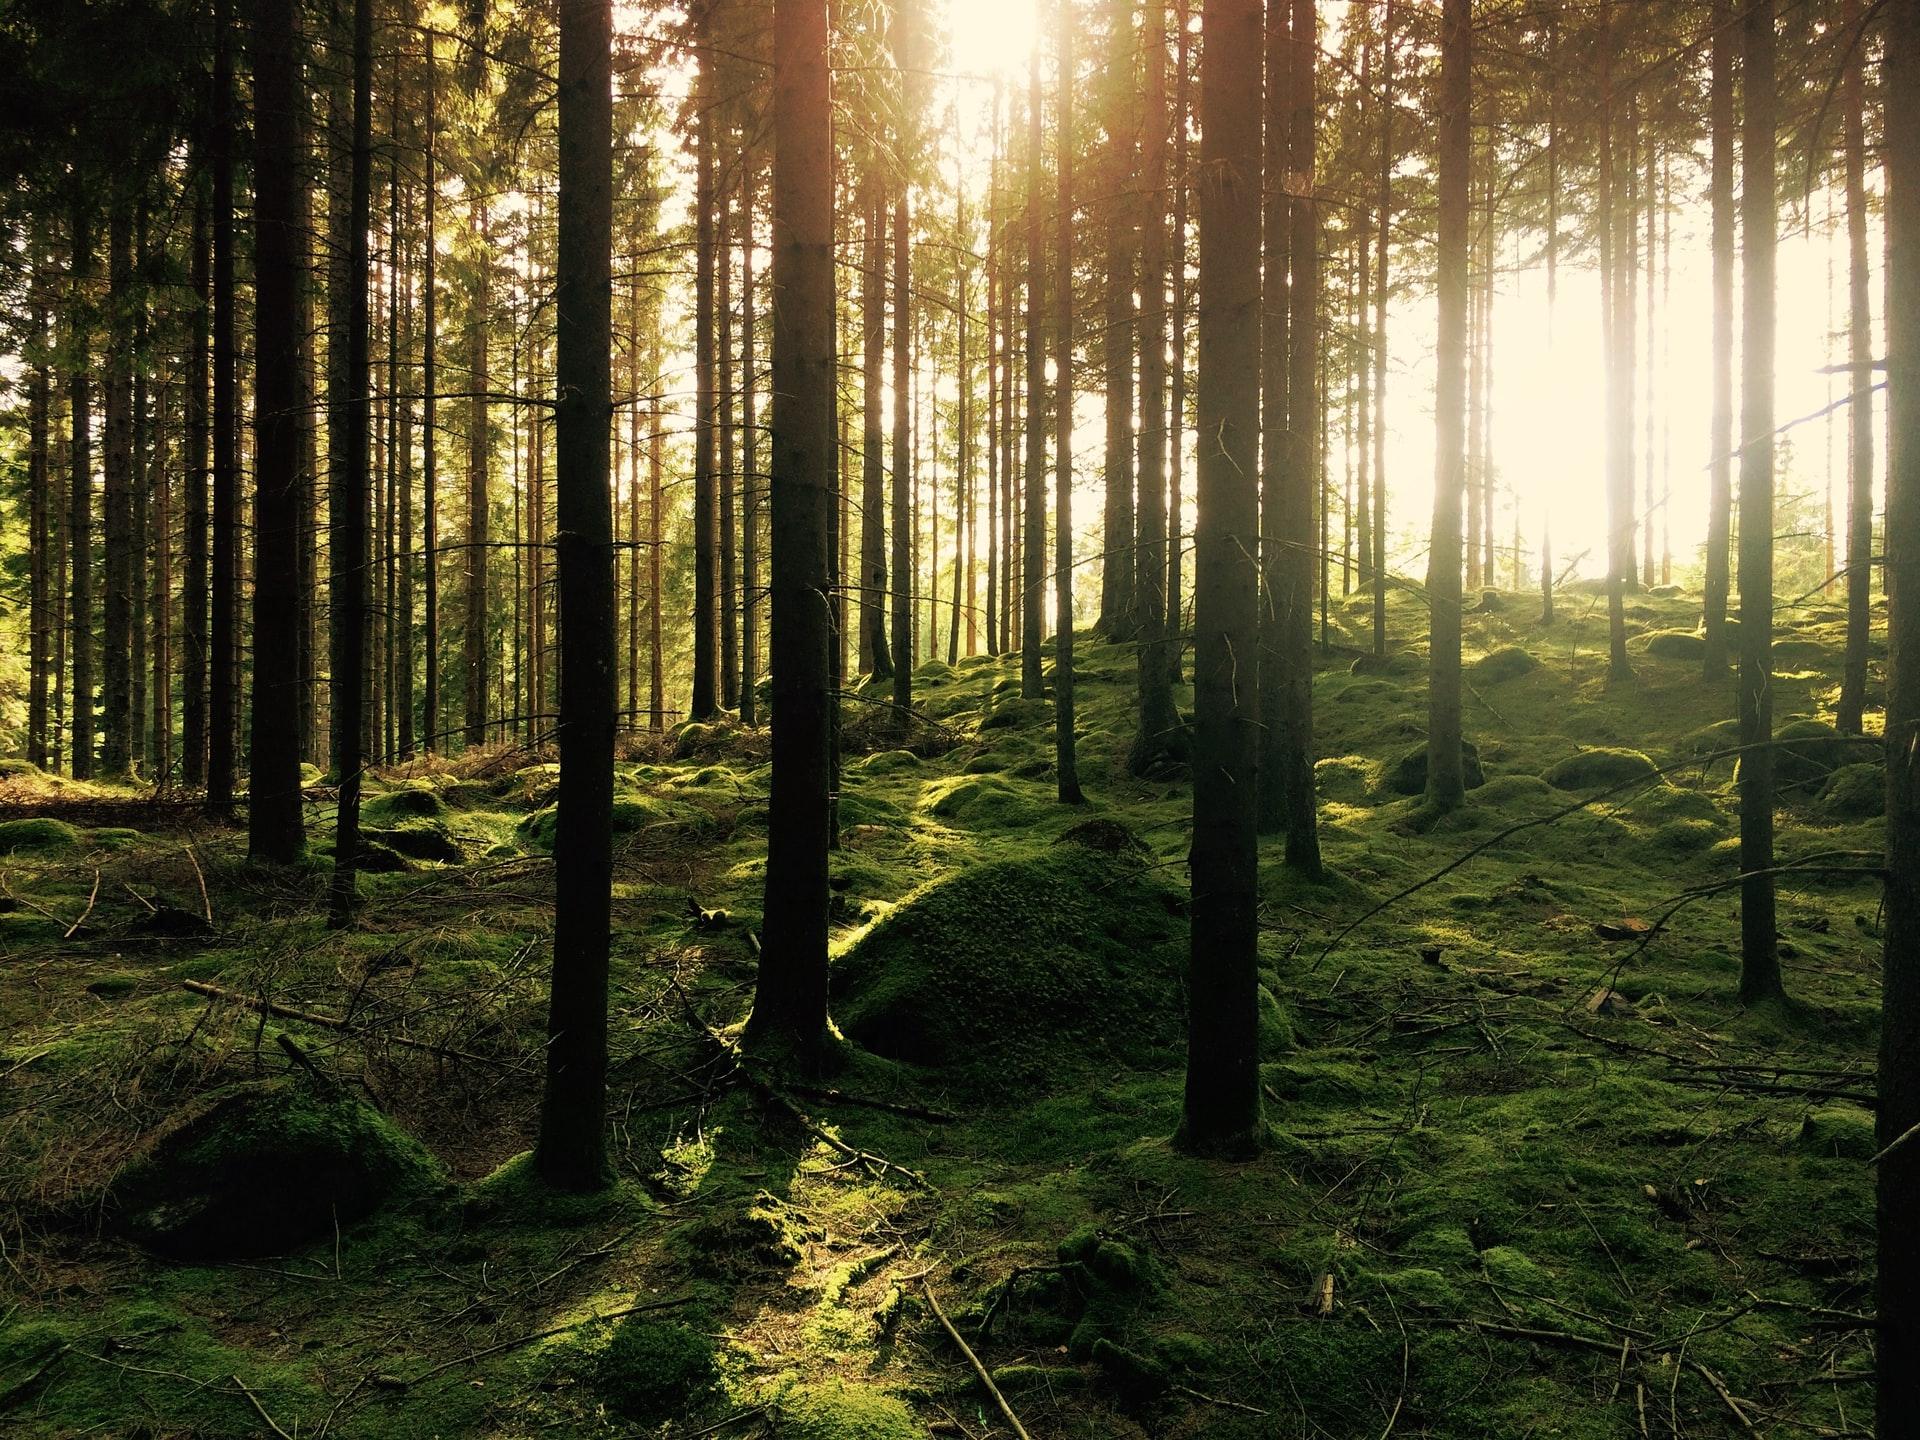 Konsultacje w sprawie wyznaczenia lasów referencyjnych